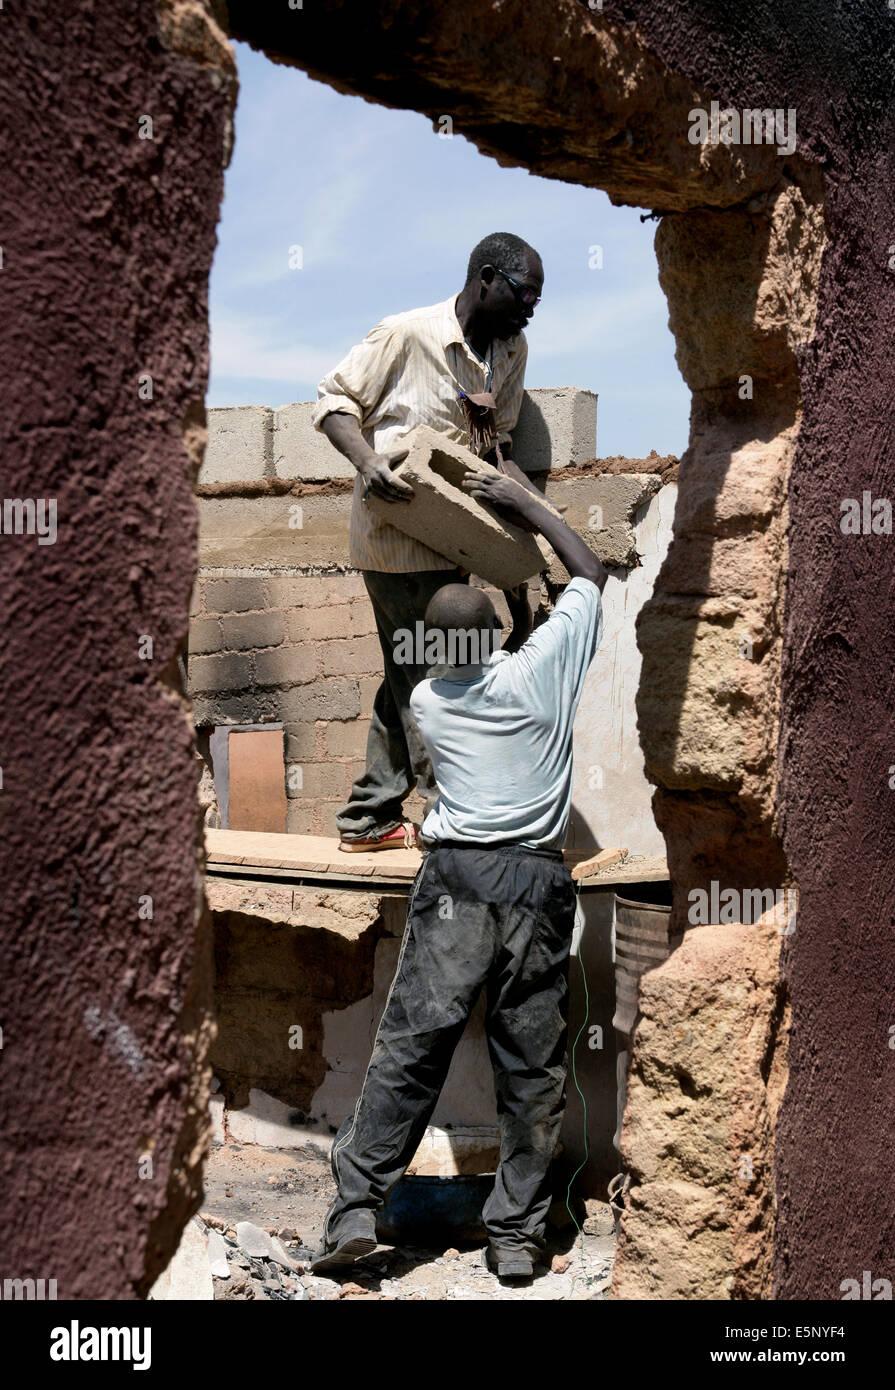 Wiederaufbau von Häusern nach der zivilen Gewalt im November 2008 in der Stadt Jos, Nigeria Stockbild